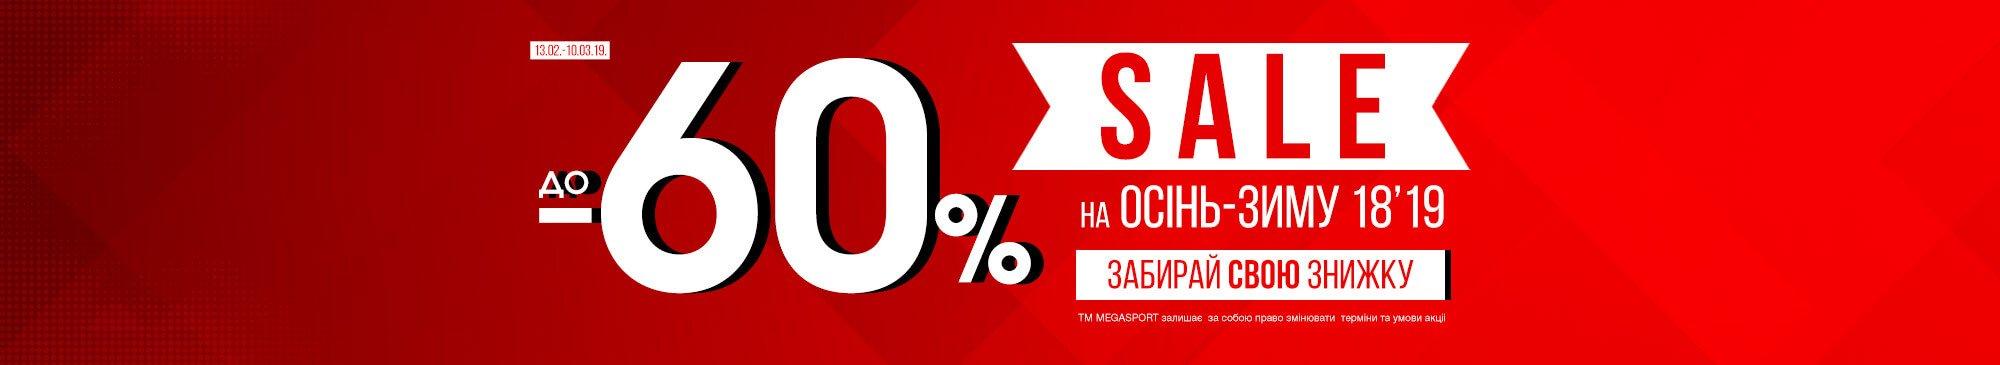 MEGASPORT - офіційний інтернет-магазин одягу 9bfc610d9c622